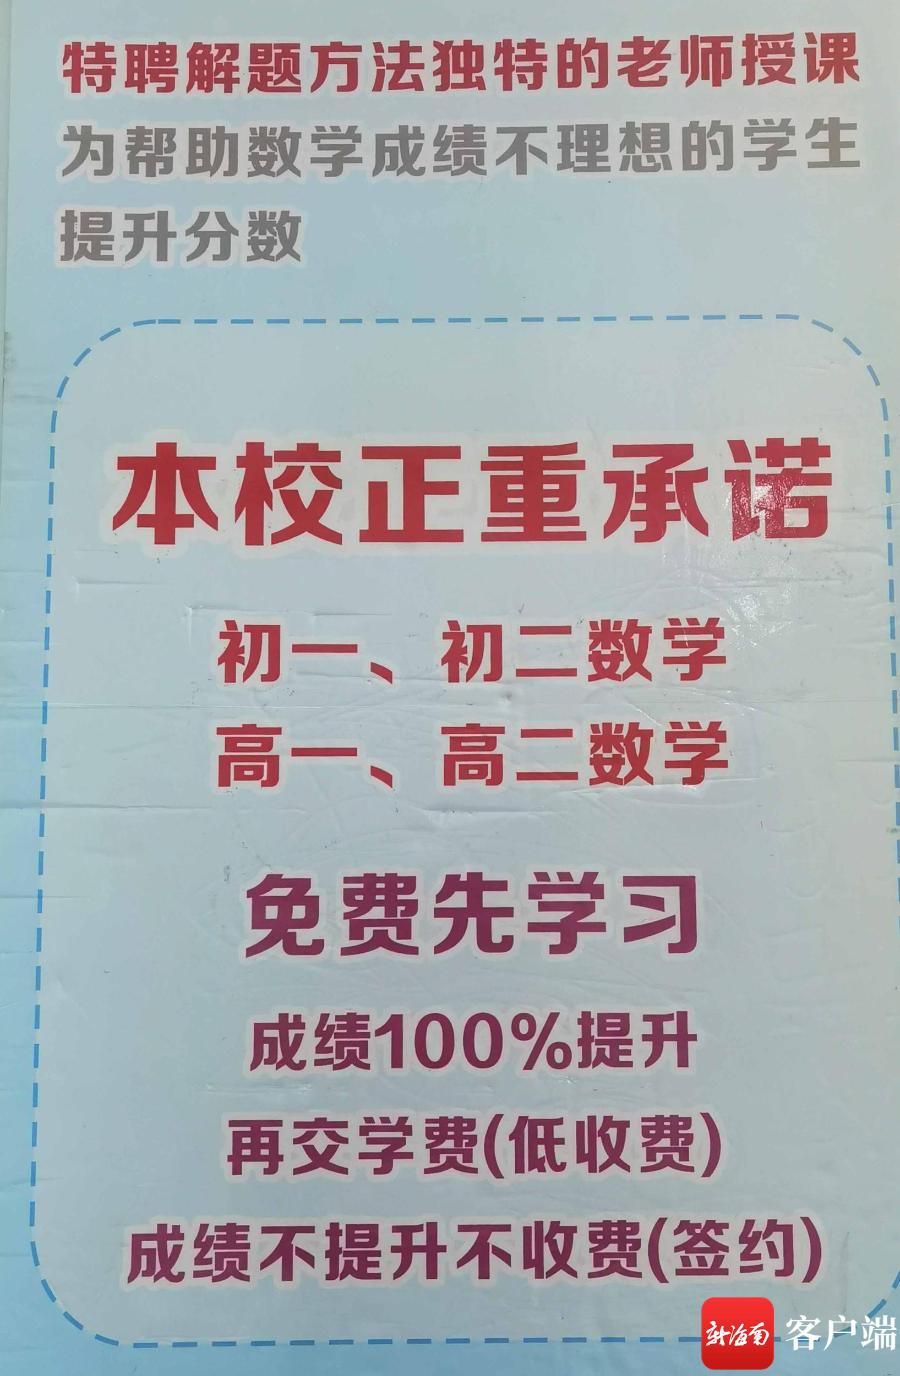 """""""成绩100%提升""""?海口多处校外培训班为抢生源广告夸张"""